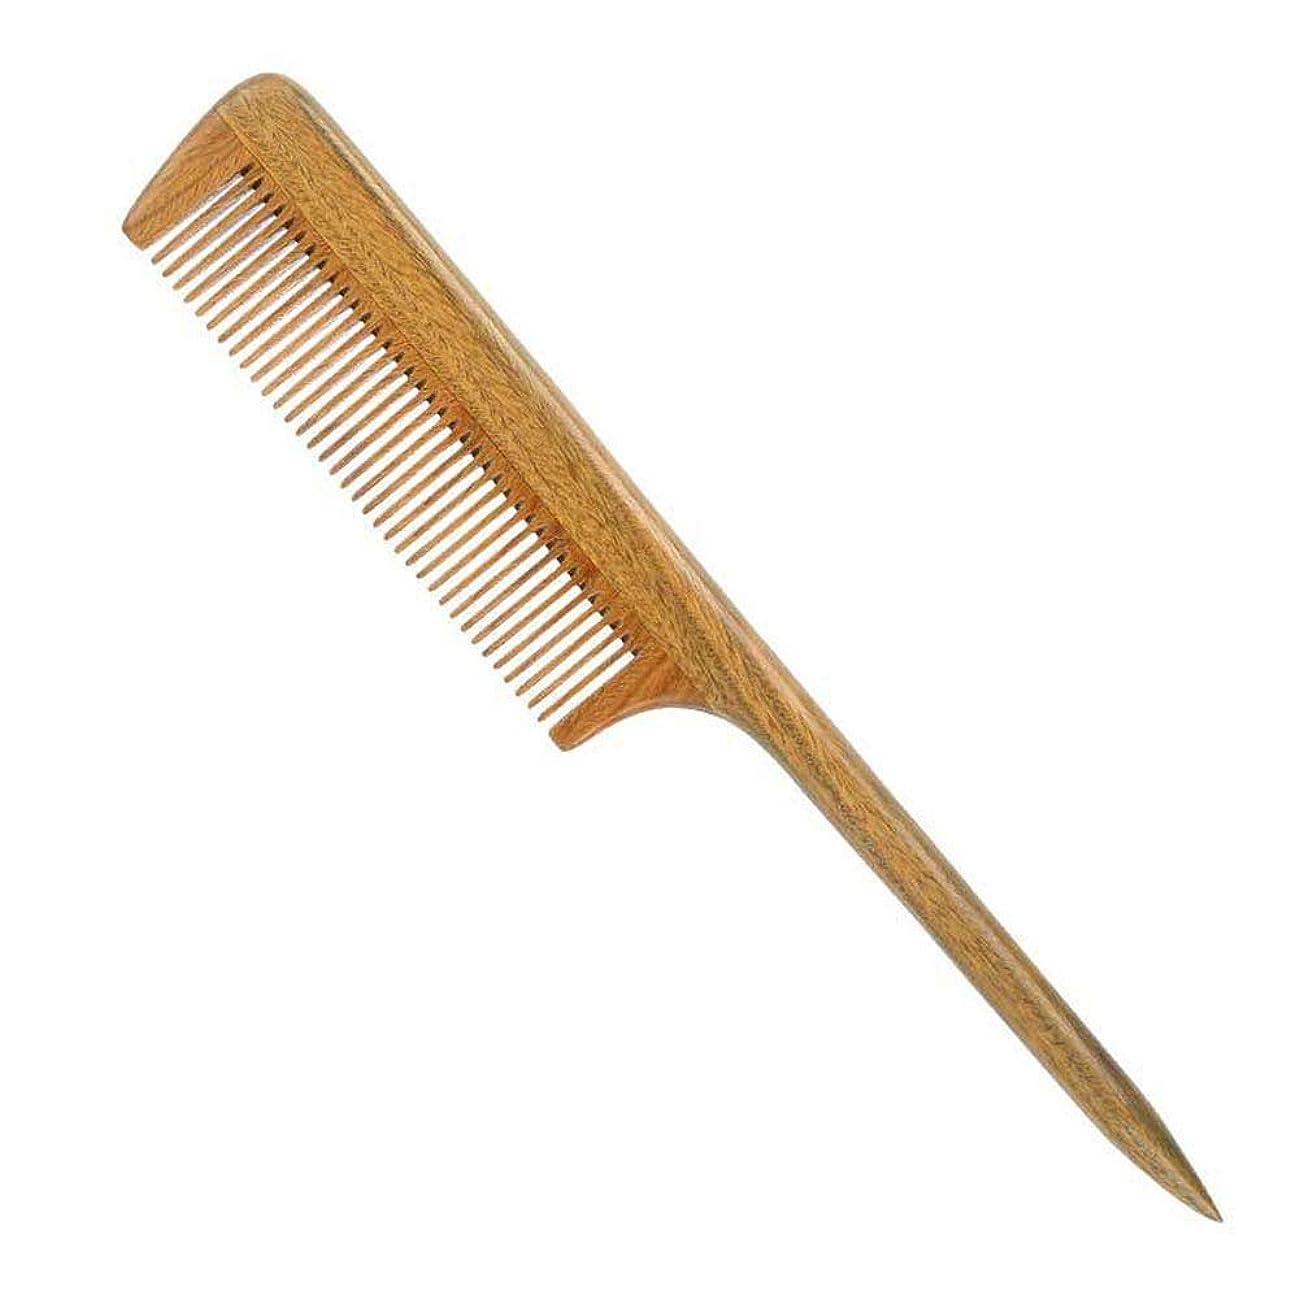 伝記演劇修正ヘアーコーム ニードルテールの櫛帯電防止耐熱美容師の特別な尖った櫛 理髪の櫛